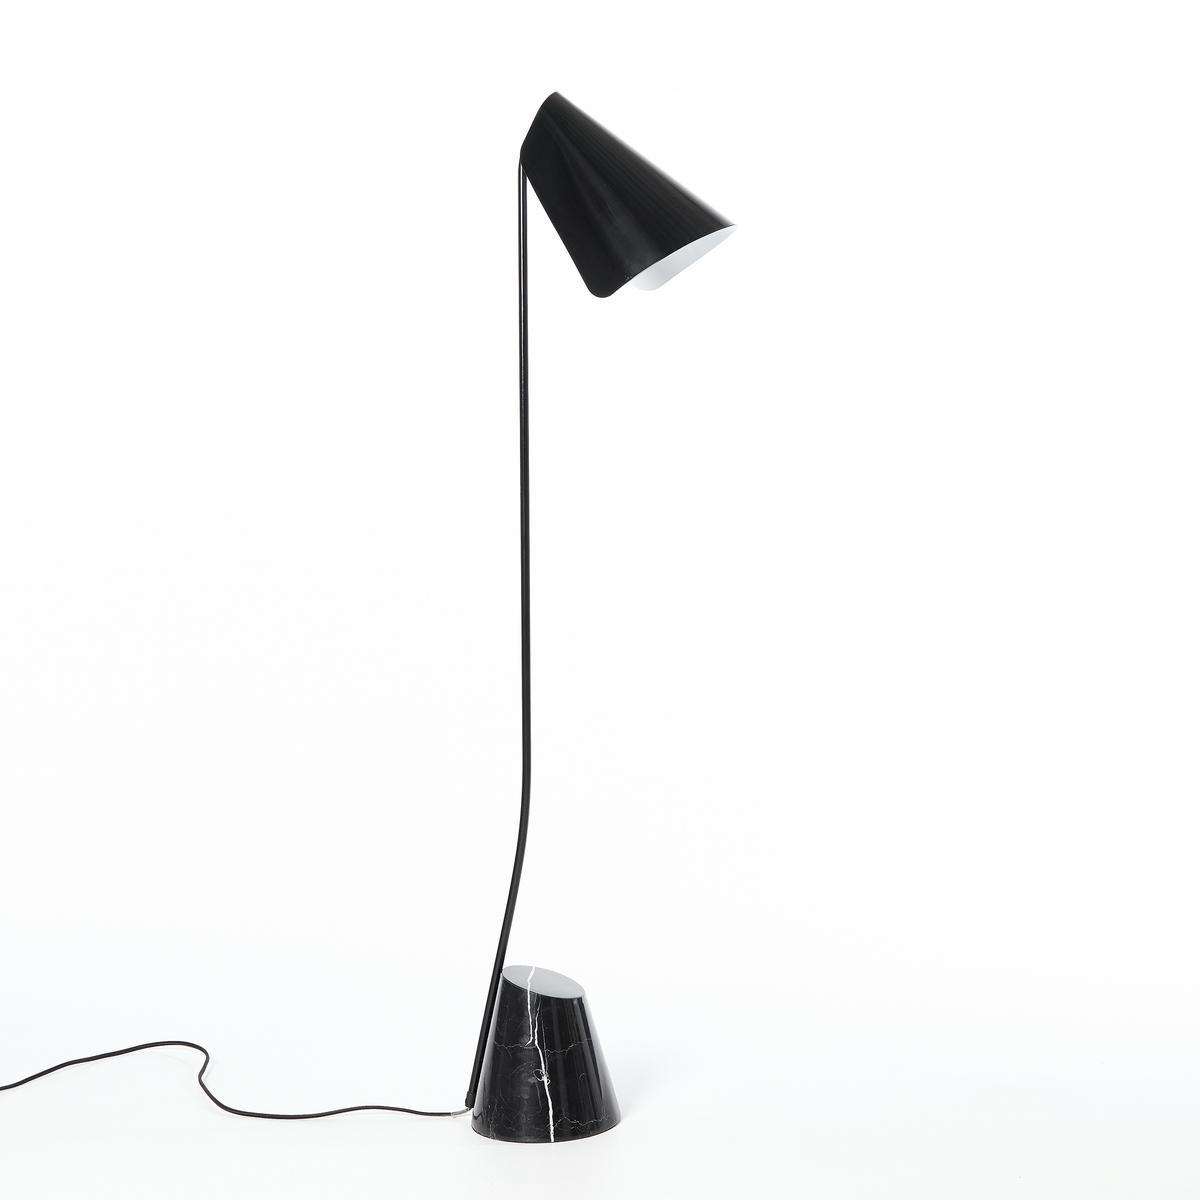 Лампа настольная BadaillacНастольная лампа Badaillac. Элегантная и усовершенствованная формаХарактеристики :- Из металла, абажур и основания с покрытием эпоксидной краской, клетка под латунь.- Основание из мрамора.- Патрон E14 для компактной флуоресцентной лампы макс. 25 Вт (продается отдельно).- Совместима с лампами класса энергопотребления A.Размеры : Ш.35,6 x В.130,5 x Г.20 см Размеры и вес посылки:- Ш.43,6 x В.138,5 x Г.28 см, 10,13 кгДоставка:Товар может быть доставлен до двери по предварительной договоренности.Внимание! Убедитесь, что товар возможно доставить, учитывая его габариты (проходит в лестничные проемы, в лифты, по лестницам).<br><br>Цвет: черный